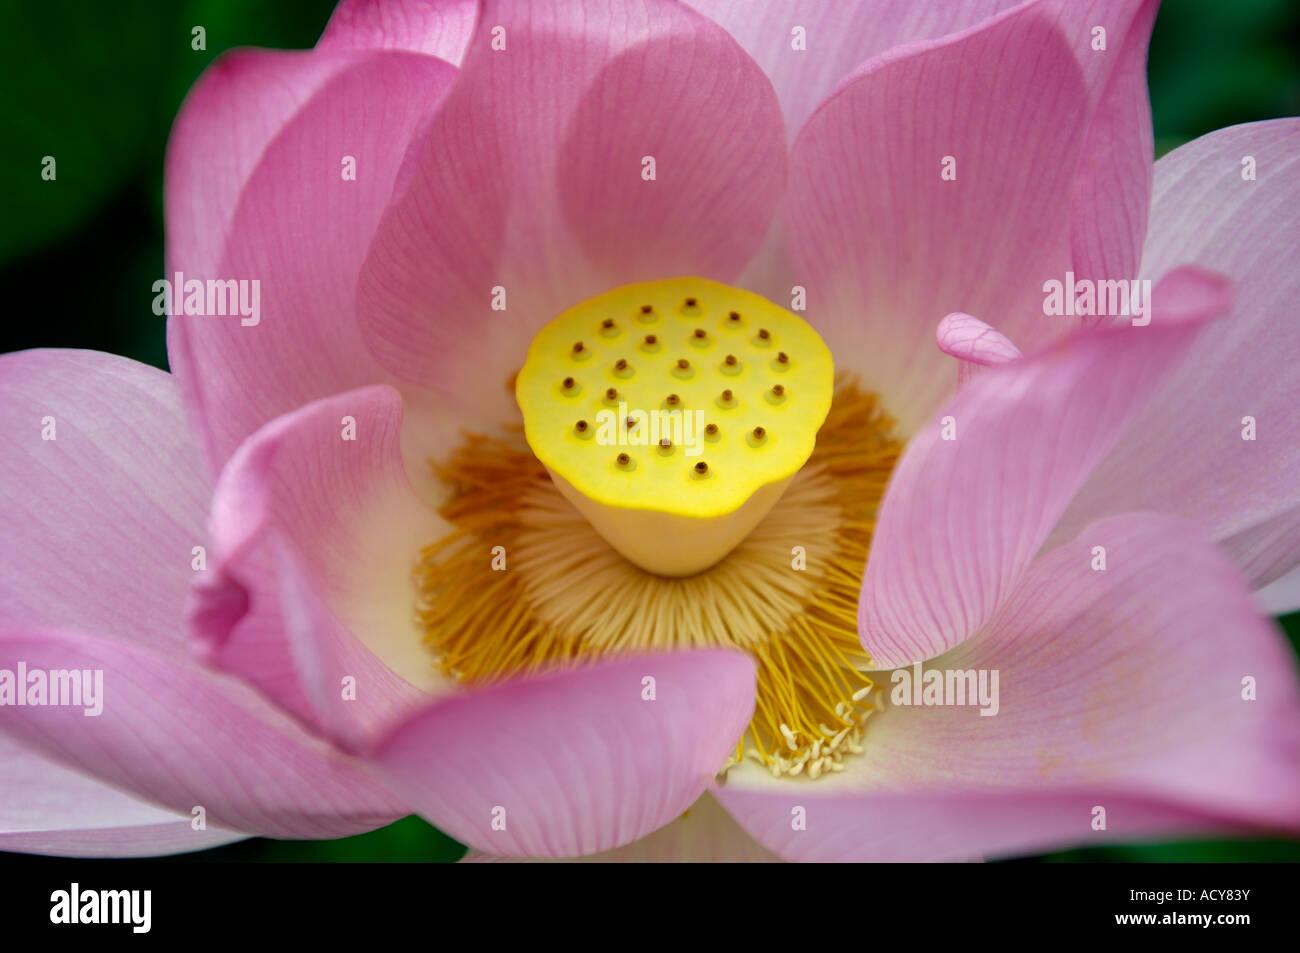 Lotus flower china stock photos lotus flower china stock images lotus flower china pistil stamen stock image dhlflorist Choice Image